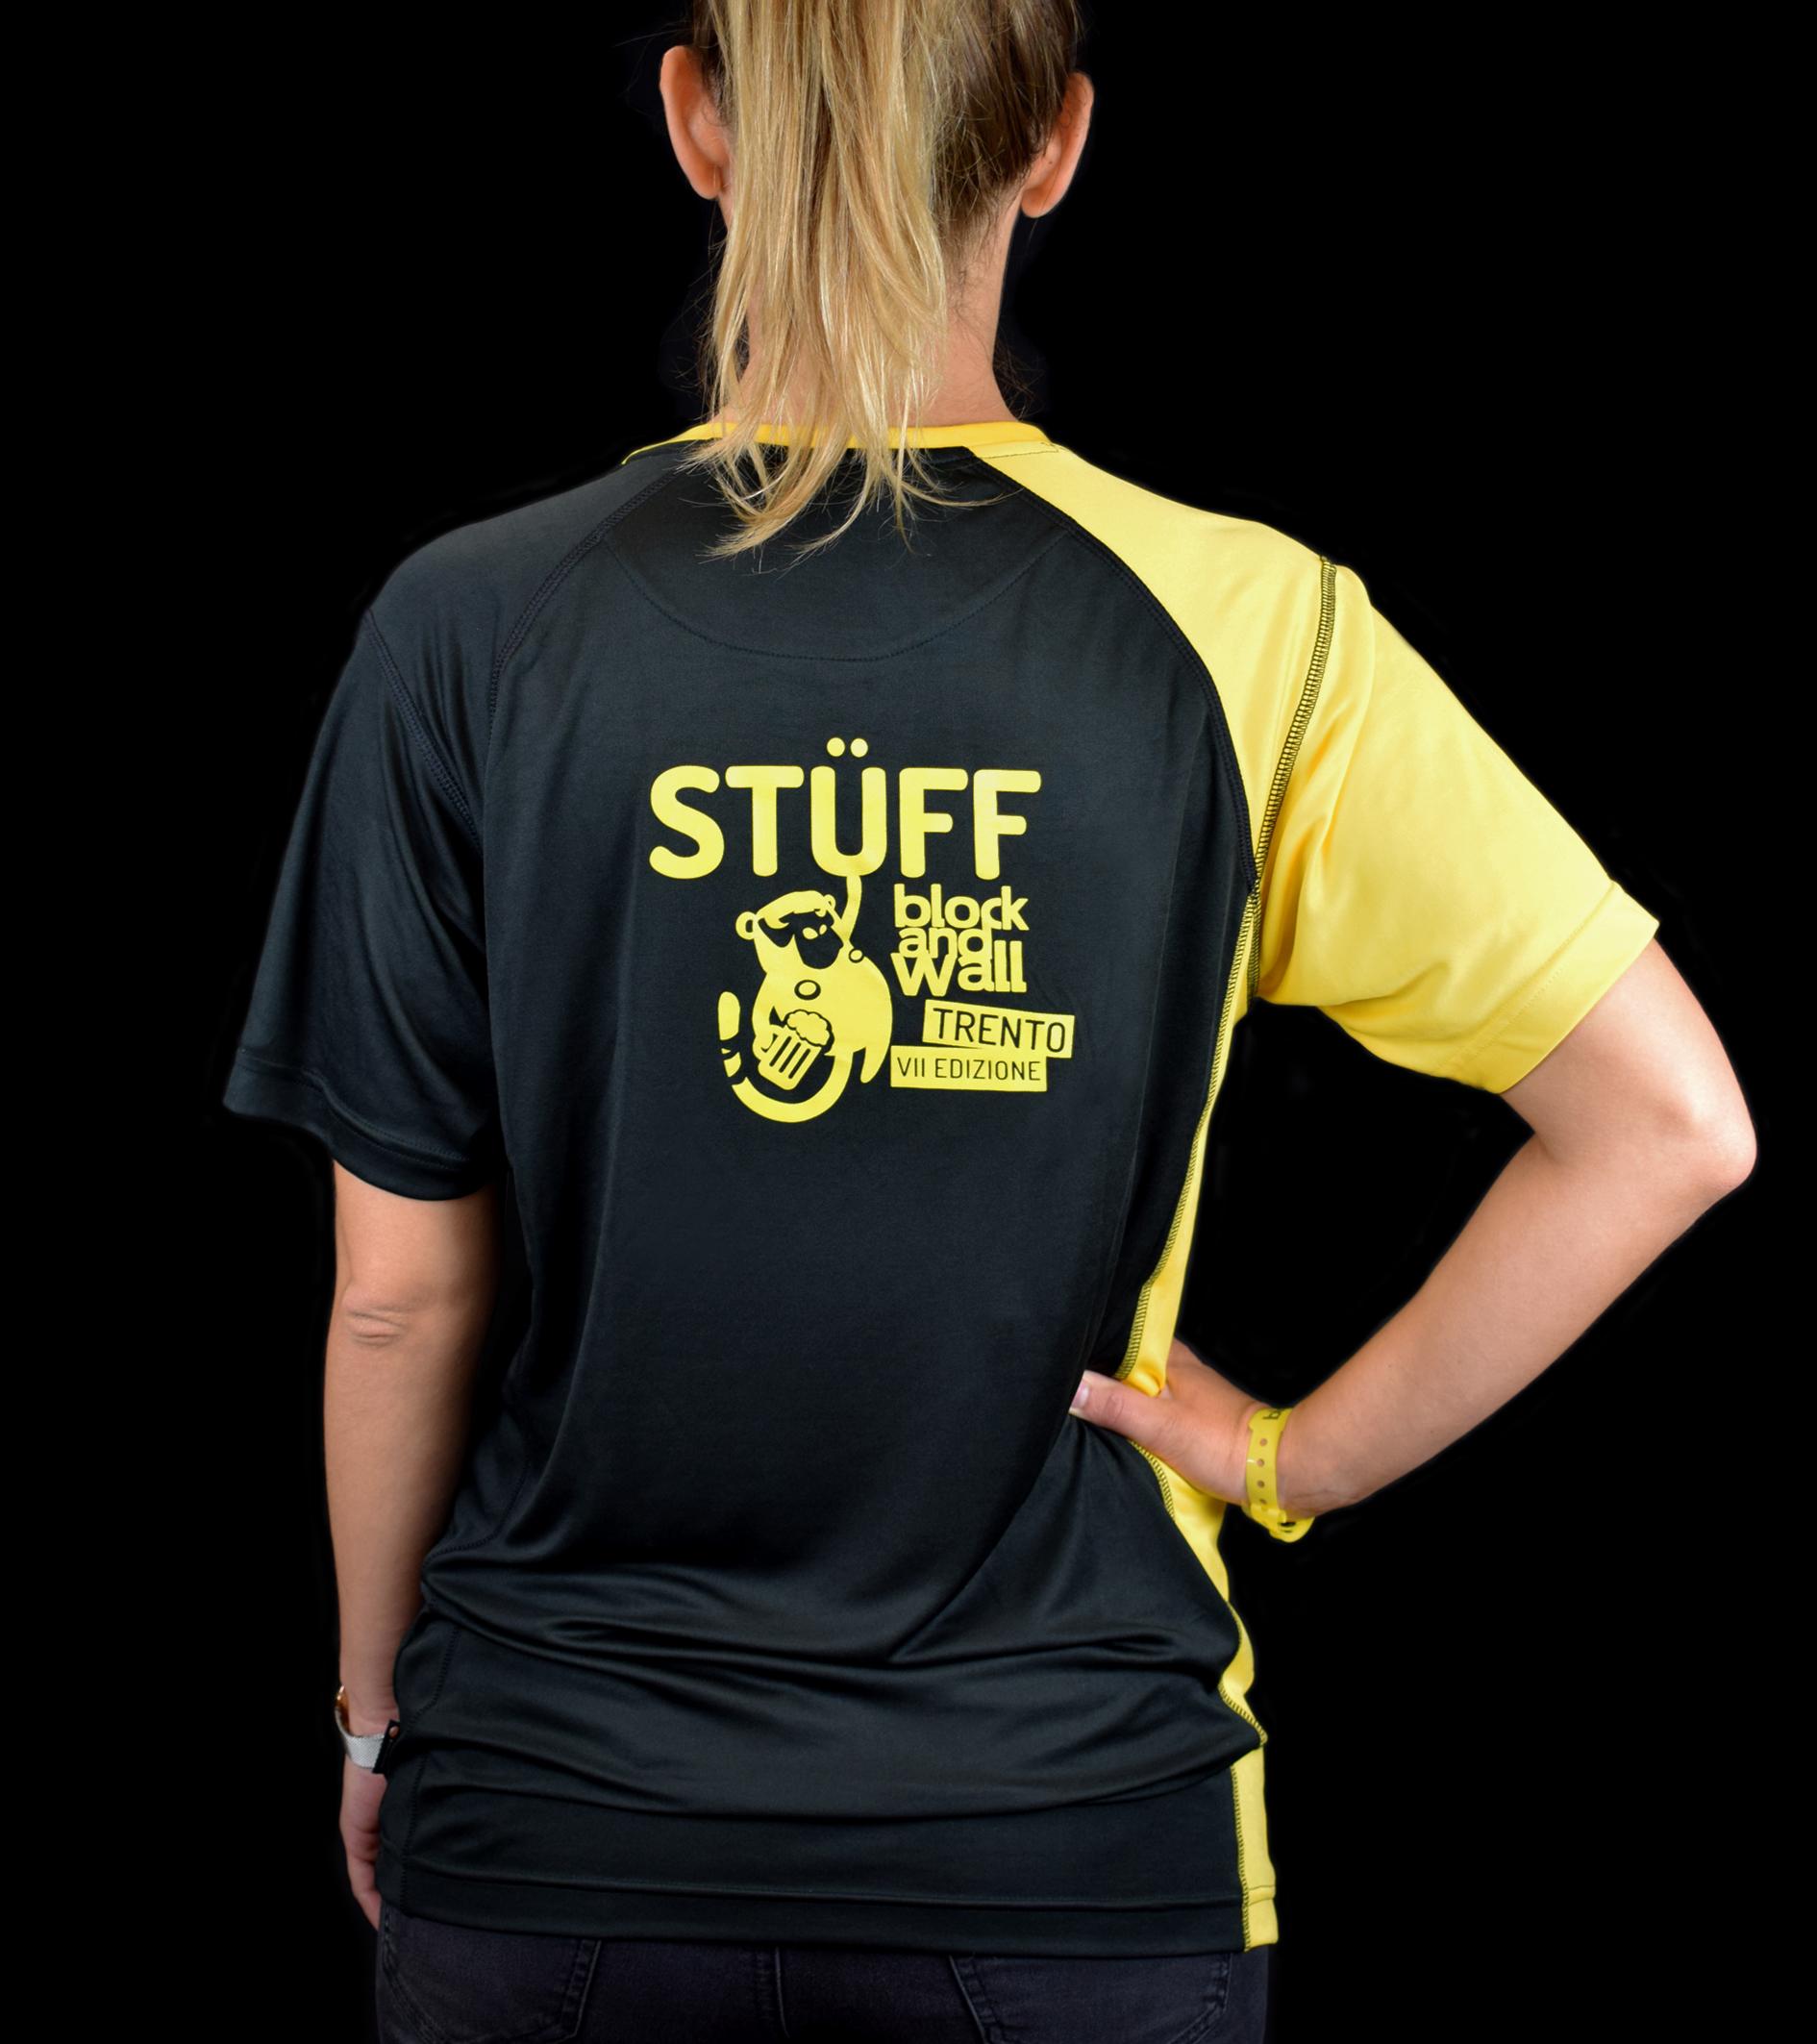 T-shirt tecnica Stüff Block and Wall La Sportiva